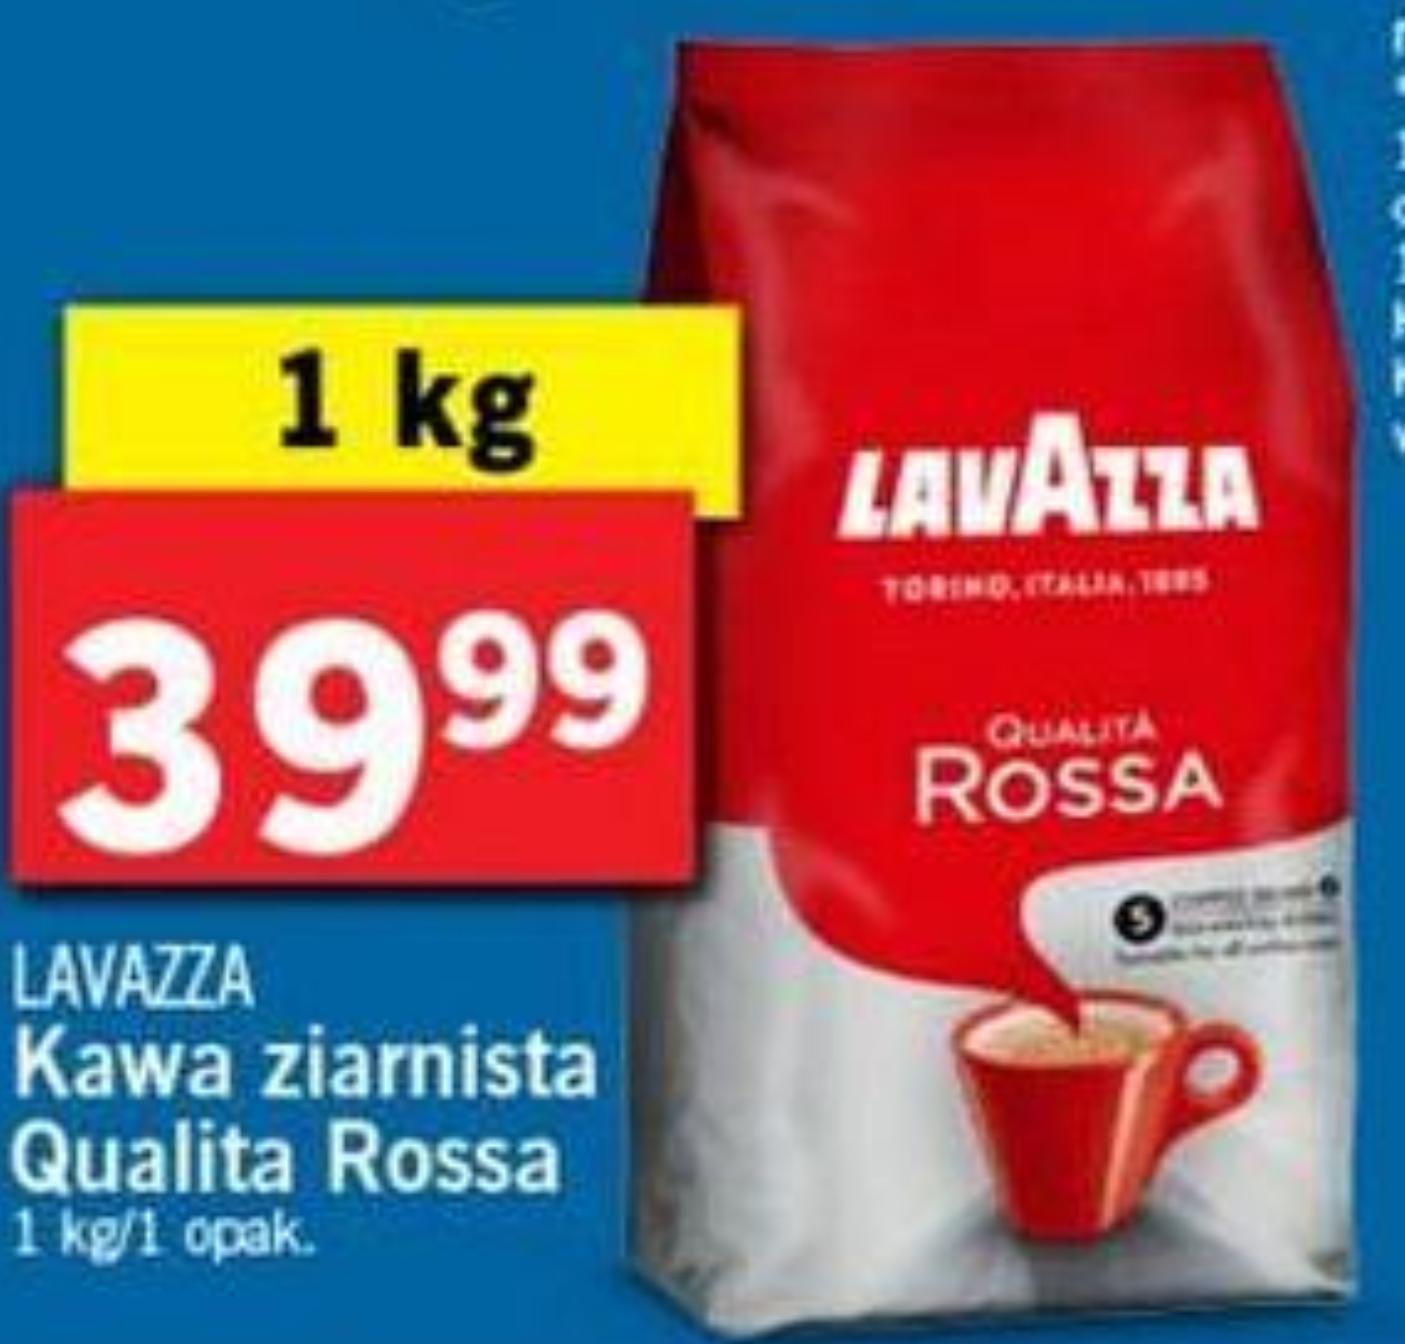 Kawa ziarnista Lavazza Qualita Rossa 1kg od 23.10 @Lidl